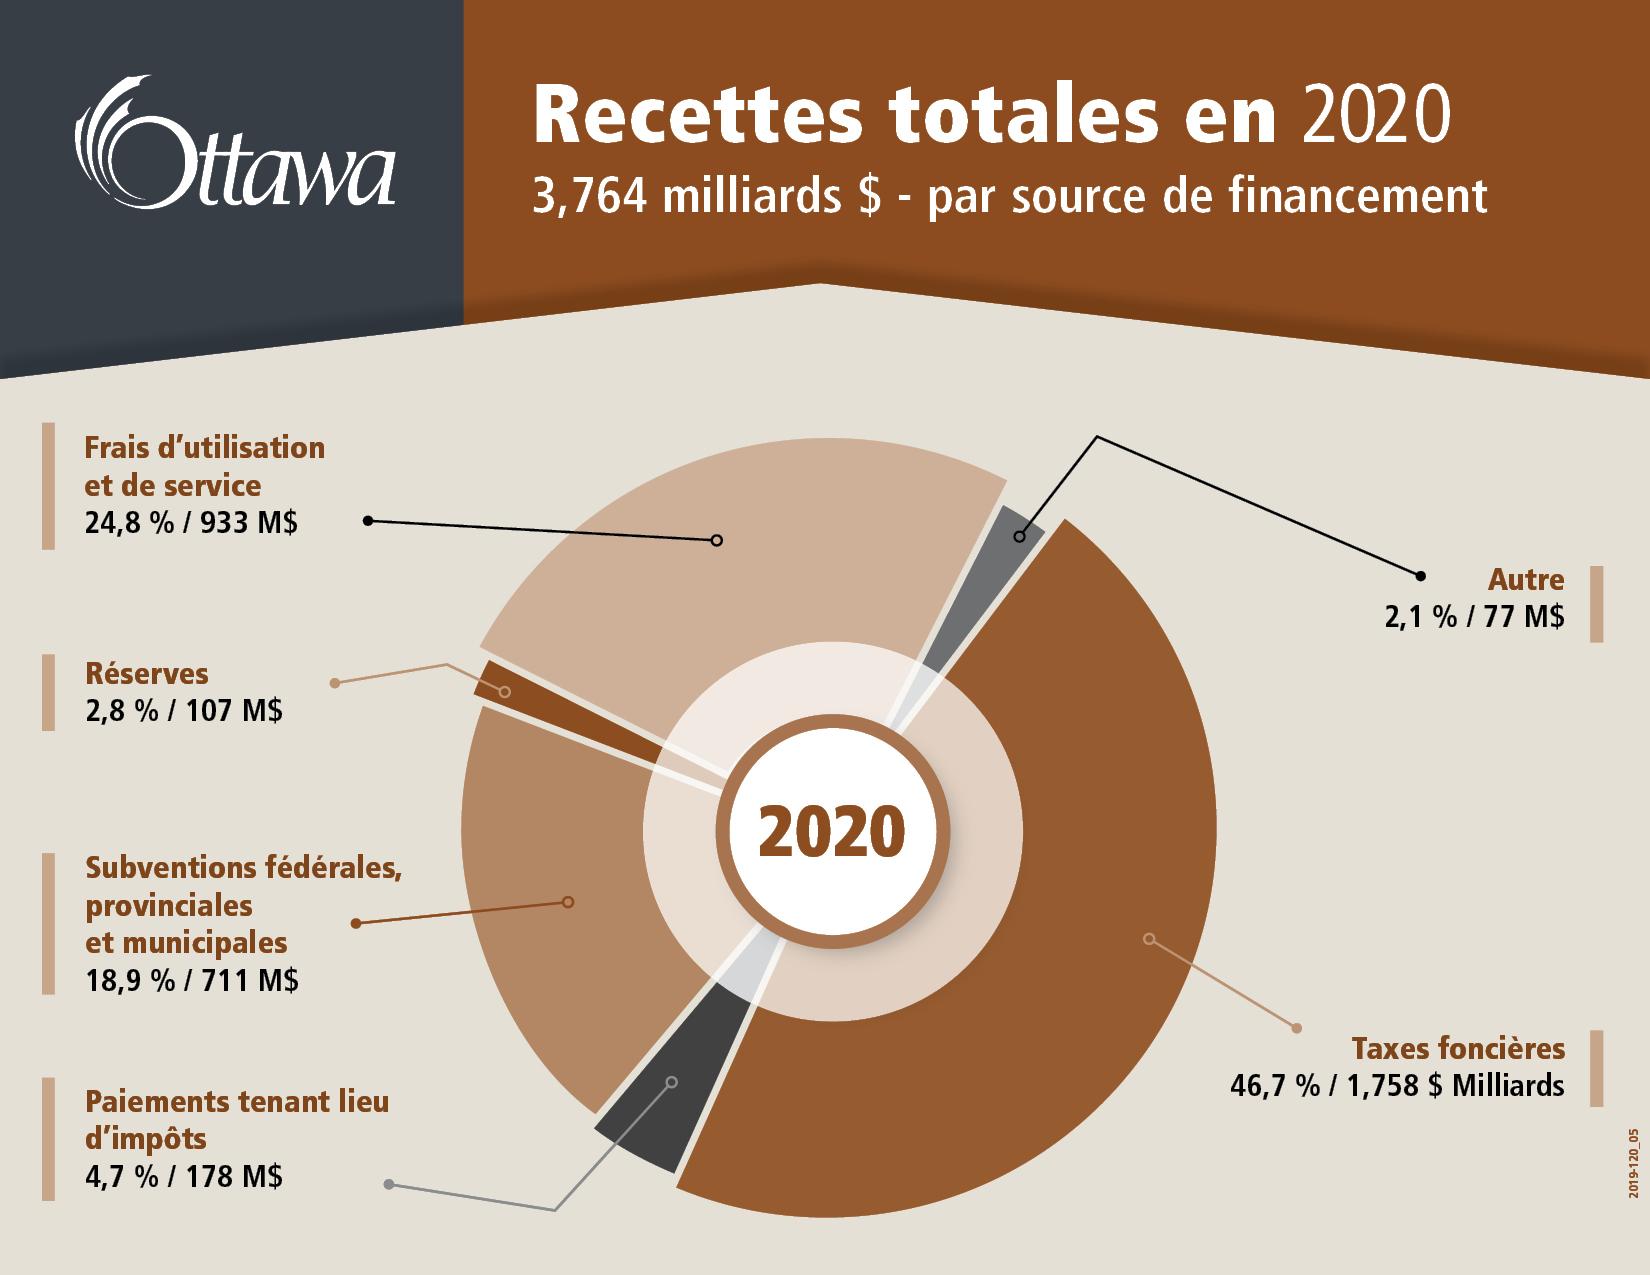 Recettes totales en 2020 3,764 milliards $ - par source de financement